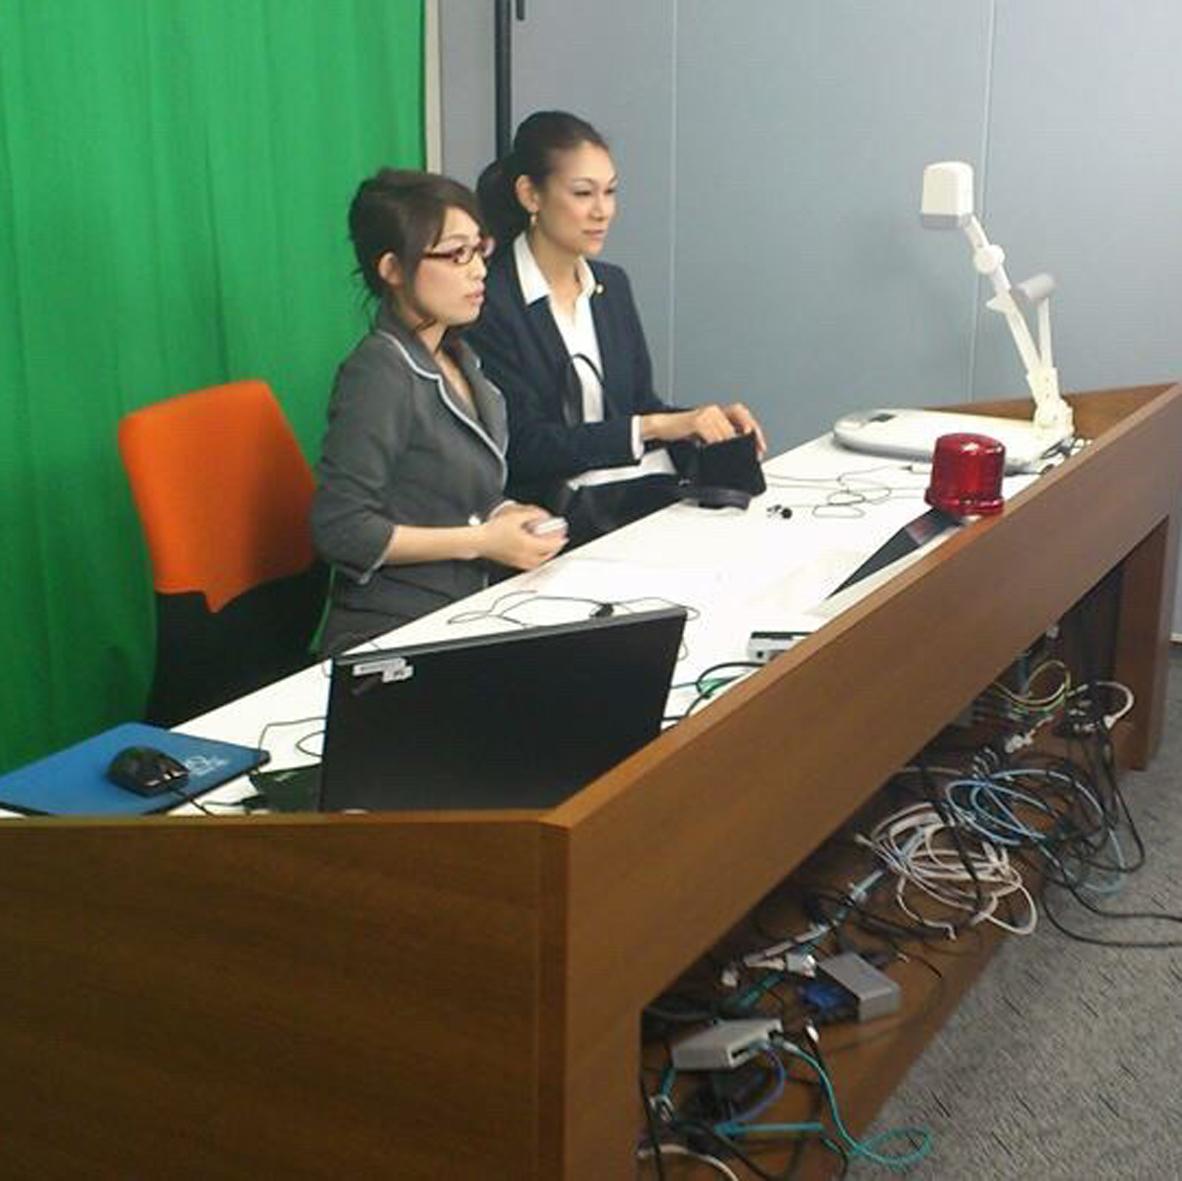 2014年6月 資格の総合スクール LEC東京リーガルマインド With-topia できる大人の知識の楽園 対談